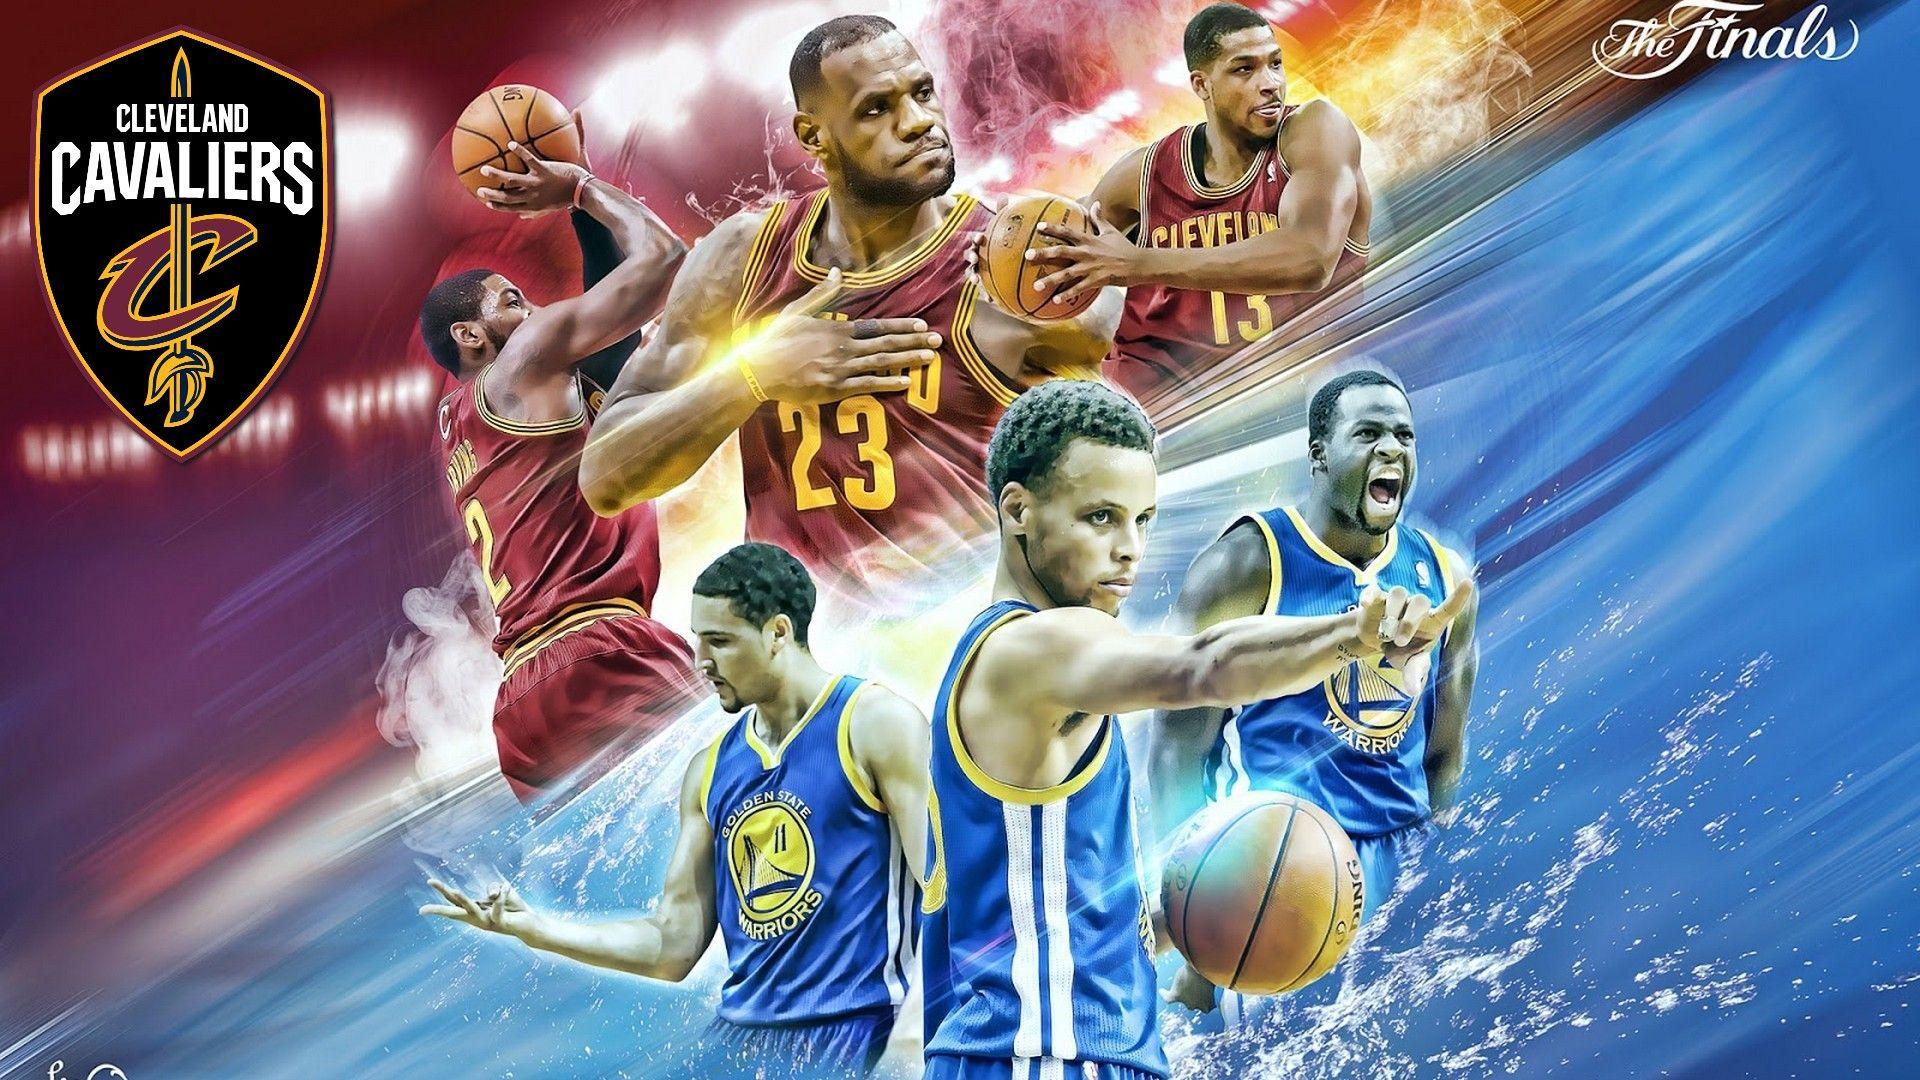 Basketball Wallpaper Best Basketball Wallpapers 2020 Nba Wallpapers Basketball Wallpapers Hd Basketball Wallpaper